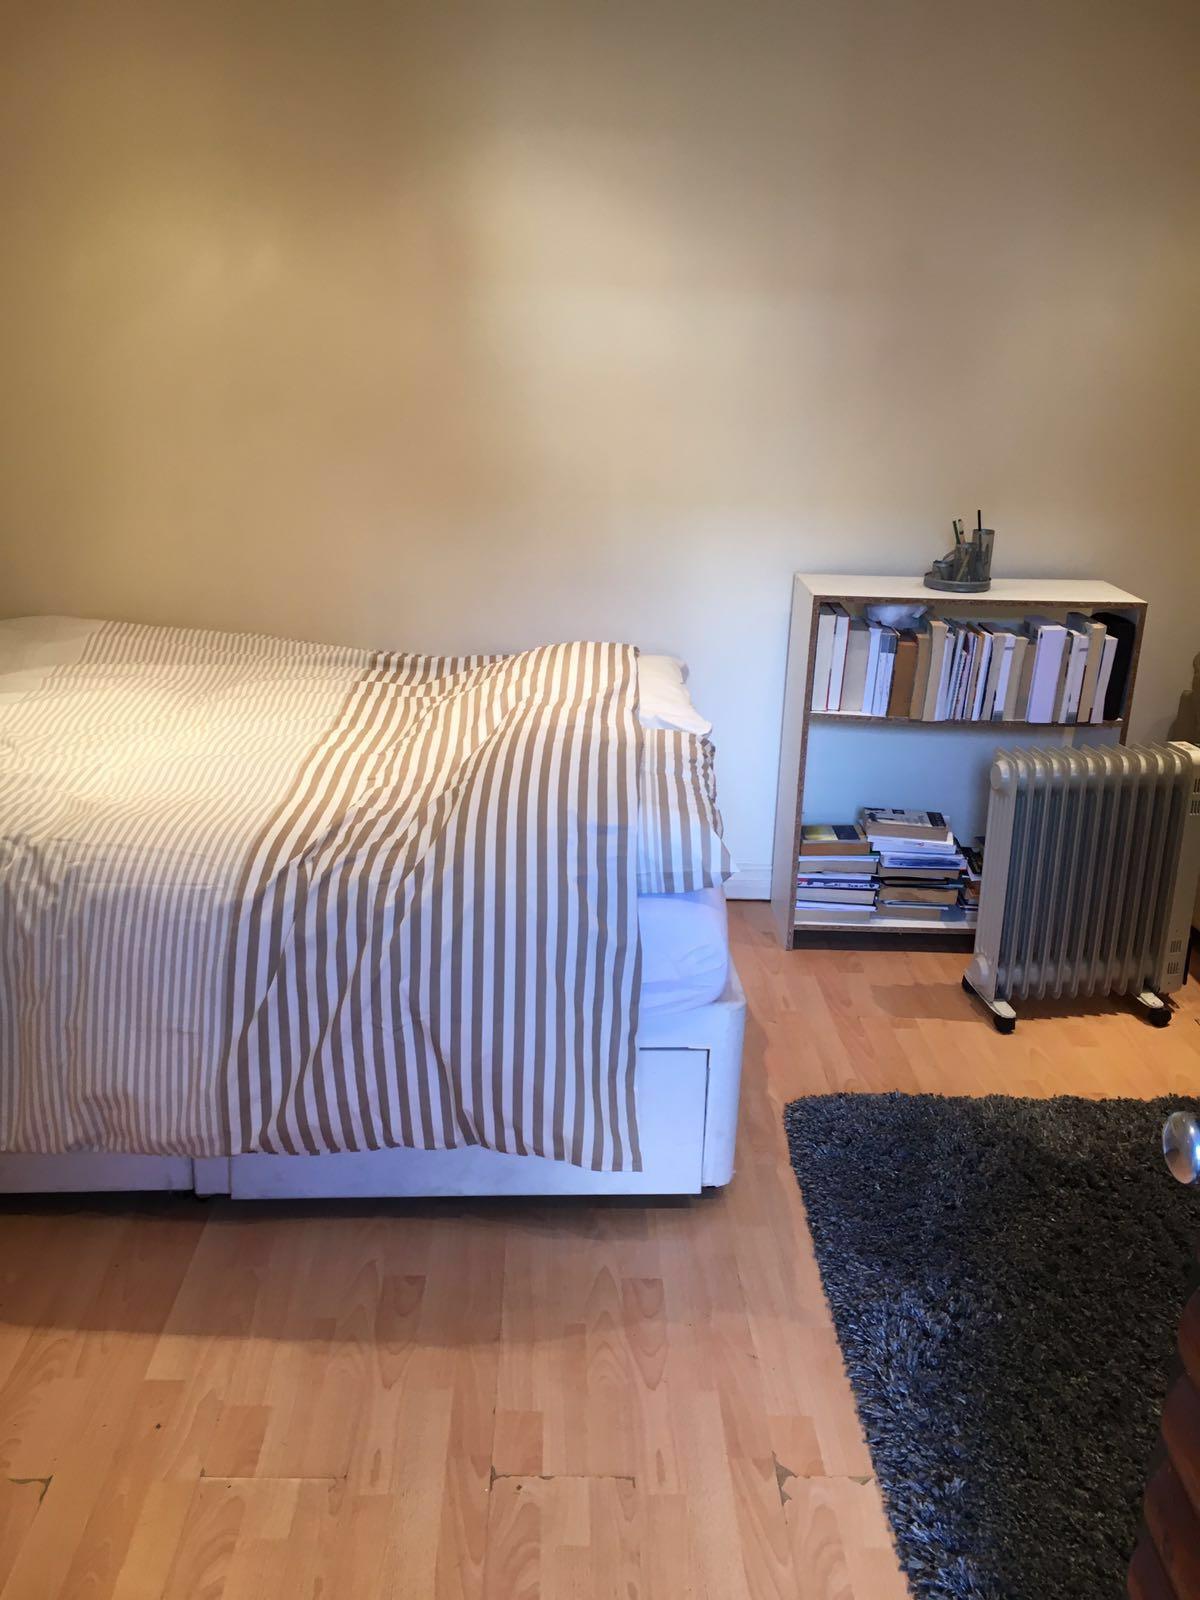 swanley-studio-bed-space-2